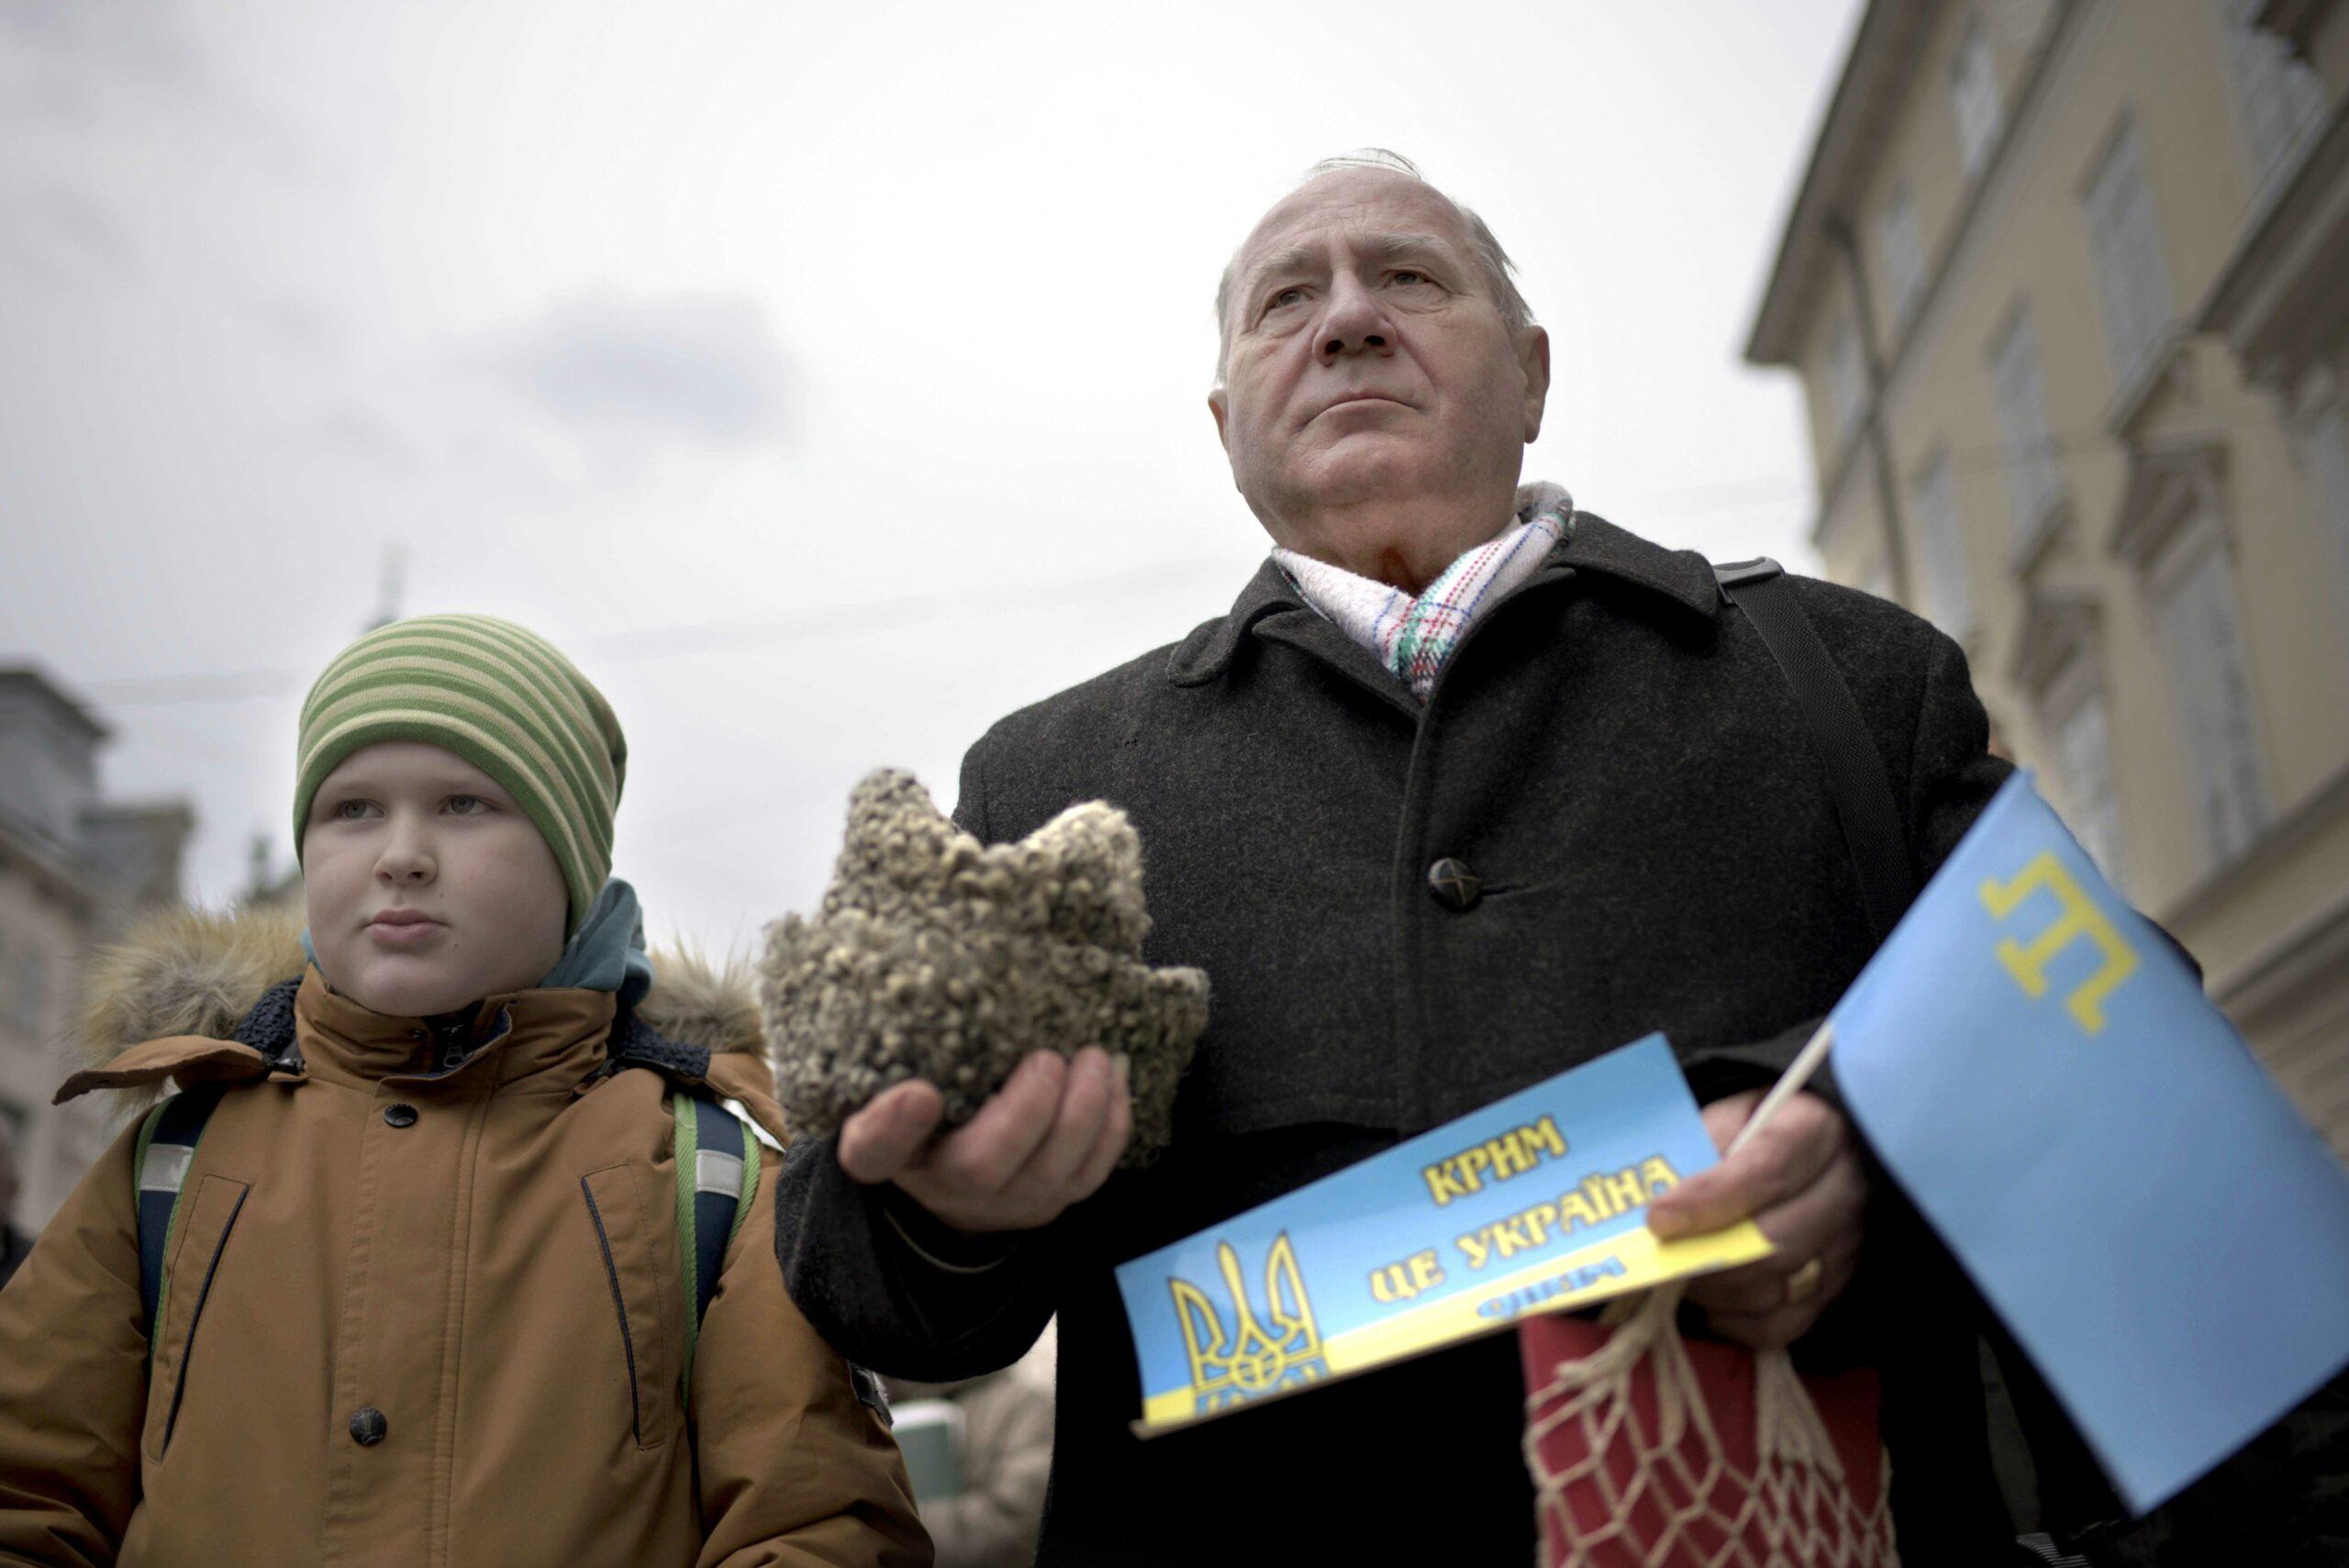 gettyimages 1203463761 scaled - <b>ООН розповіла про порушення прав людини в Криму.</b> Наступного дня ФСБ затримала кримських татар - Заборона